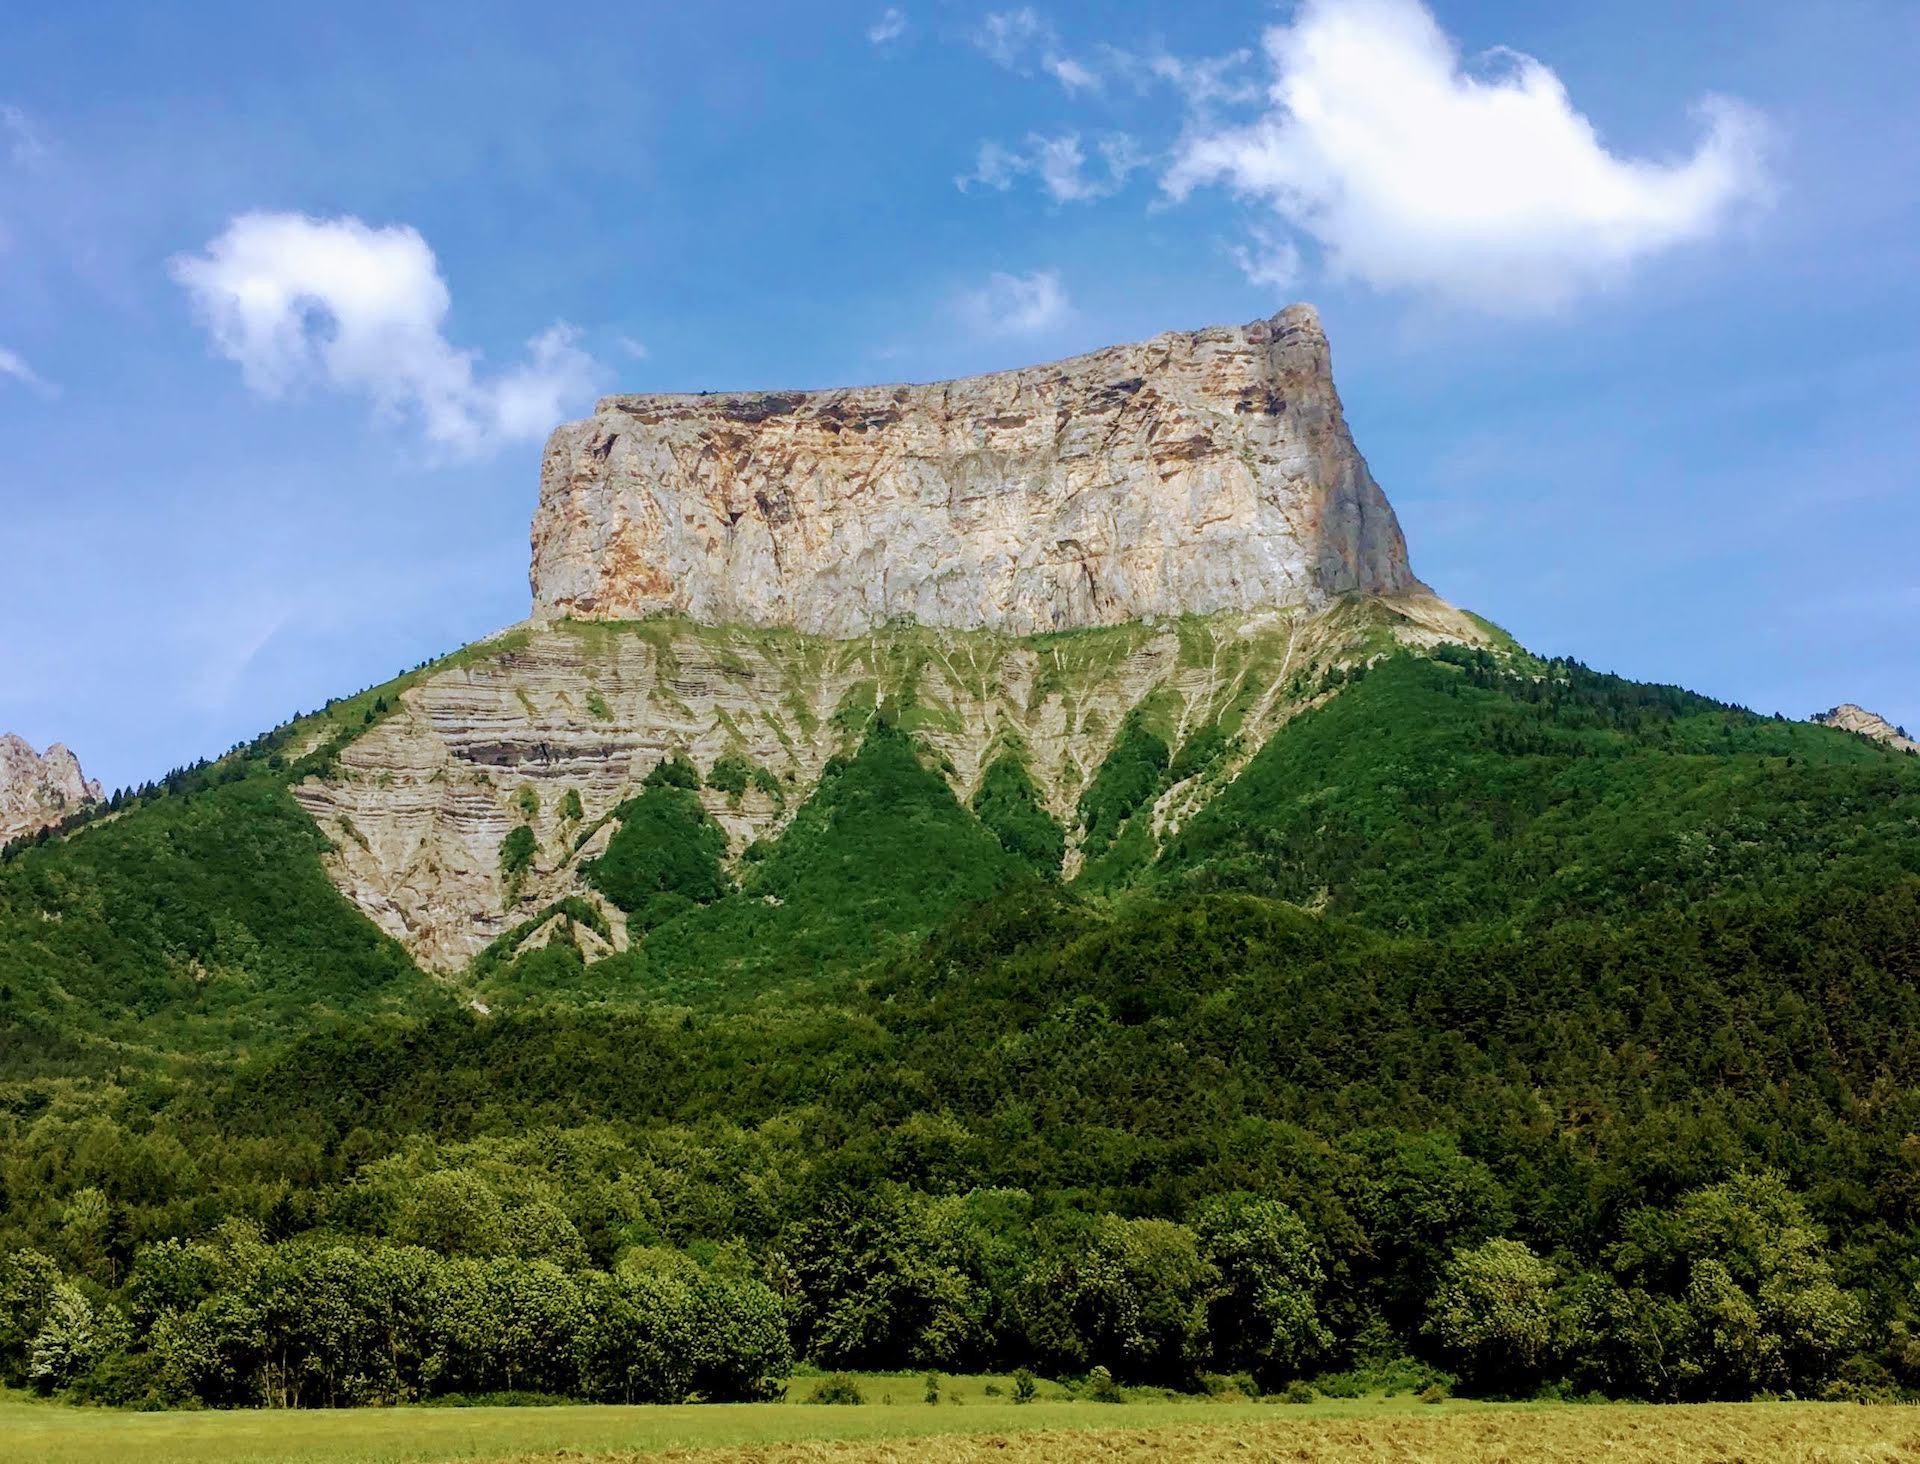 Le Mont Aiguille dans les étoiles<br><span id='secondary-title' style='font-size:28px;line-height:34px;color:#fff!important;font-weight:300;display:block;padding-top:34px;'>Vivez l'ascension du mythique Mont Aiguille avec un bivouac inoubliable au plus proche des étoiles.</span>